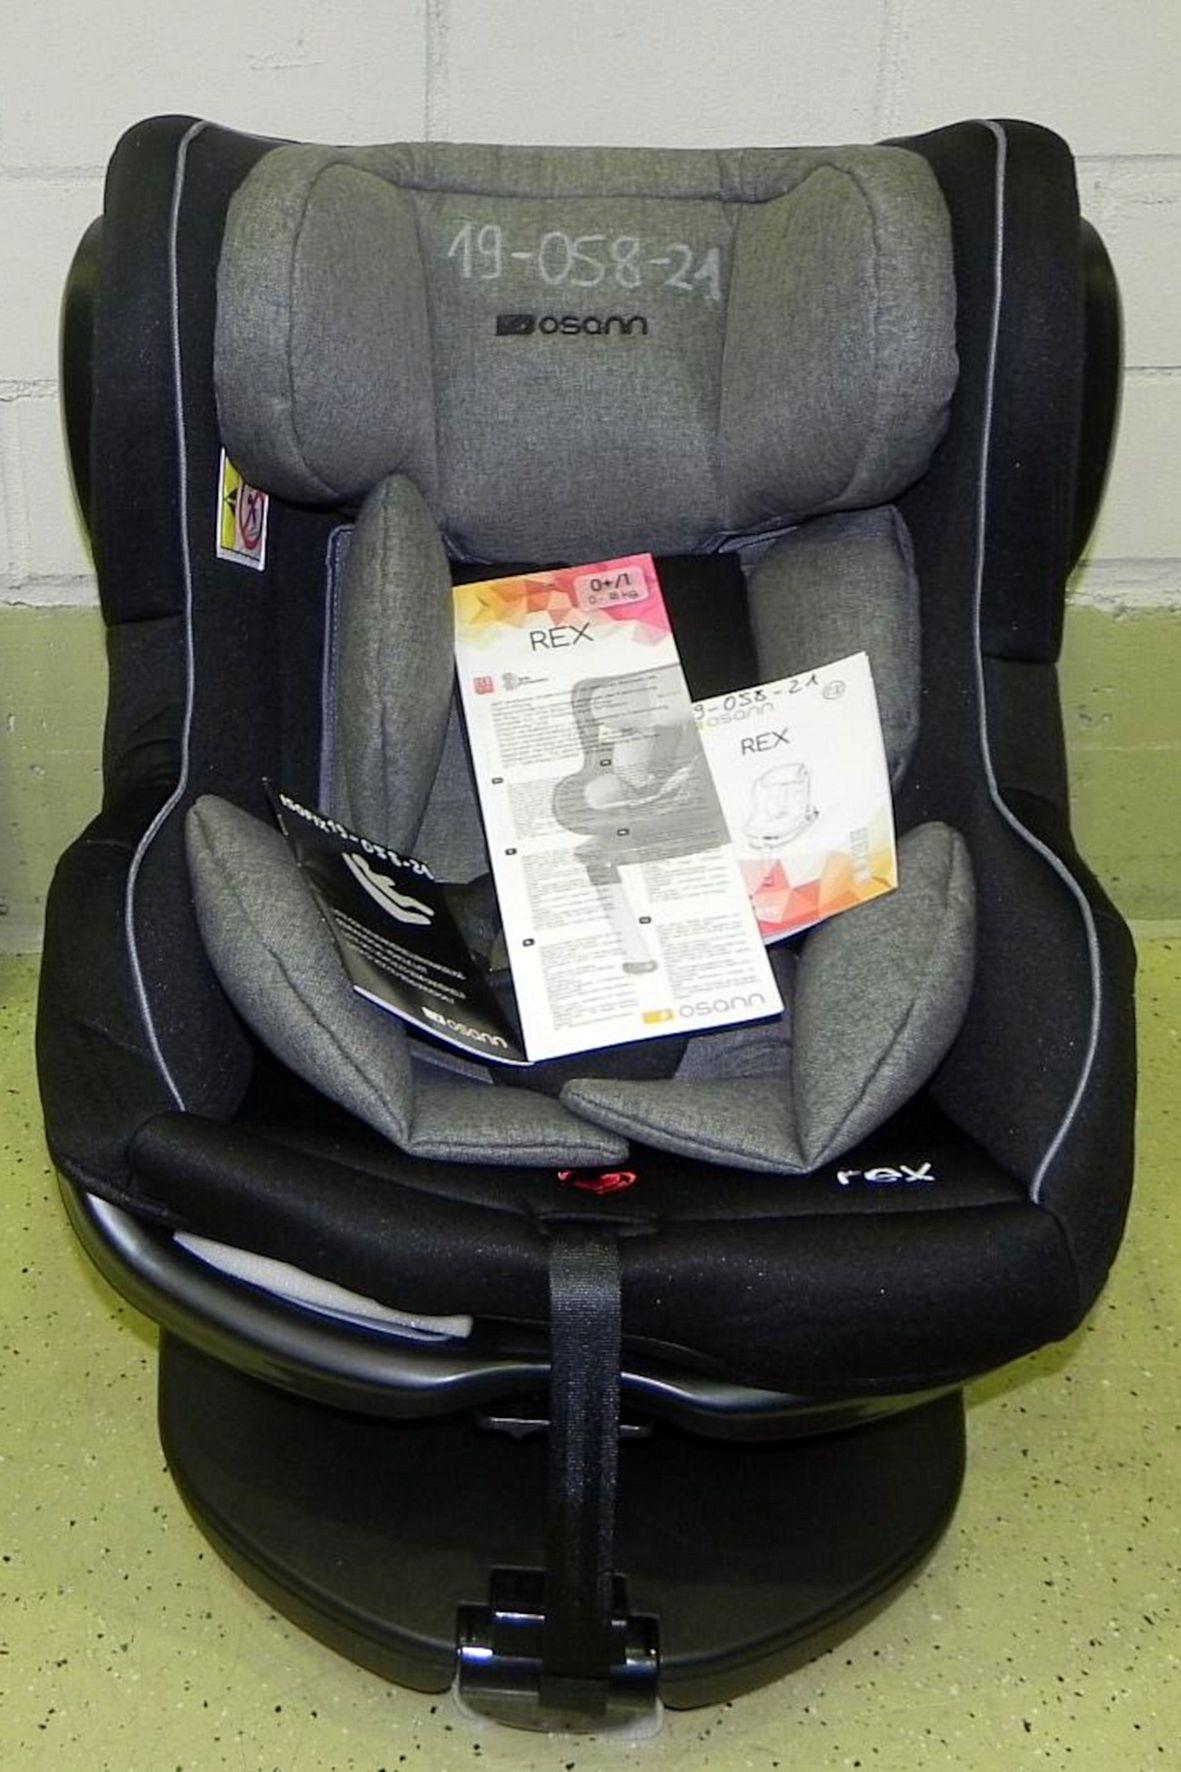 mid Groß-Gerau - Das Kraftfahrt-Bundesamt warnt vor der Verwendung dieser Kindersitze des Herstellers Jiangsu Best Baby Carseat. KBA